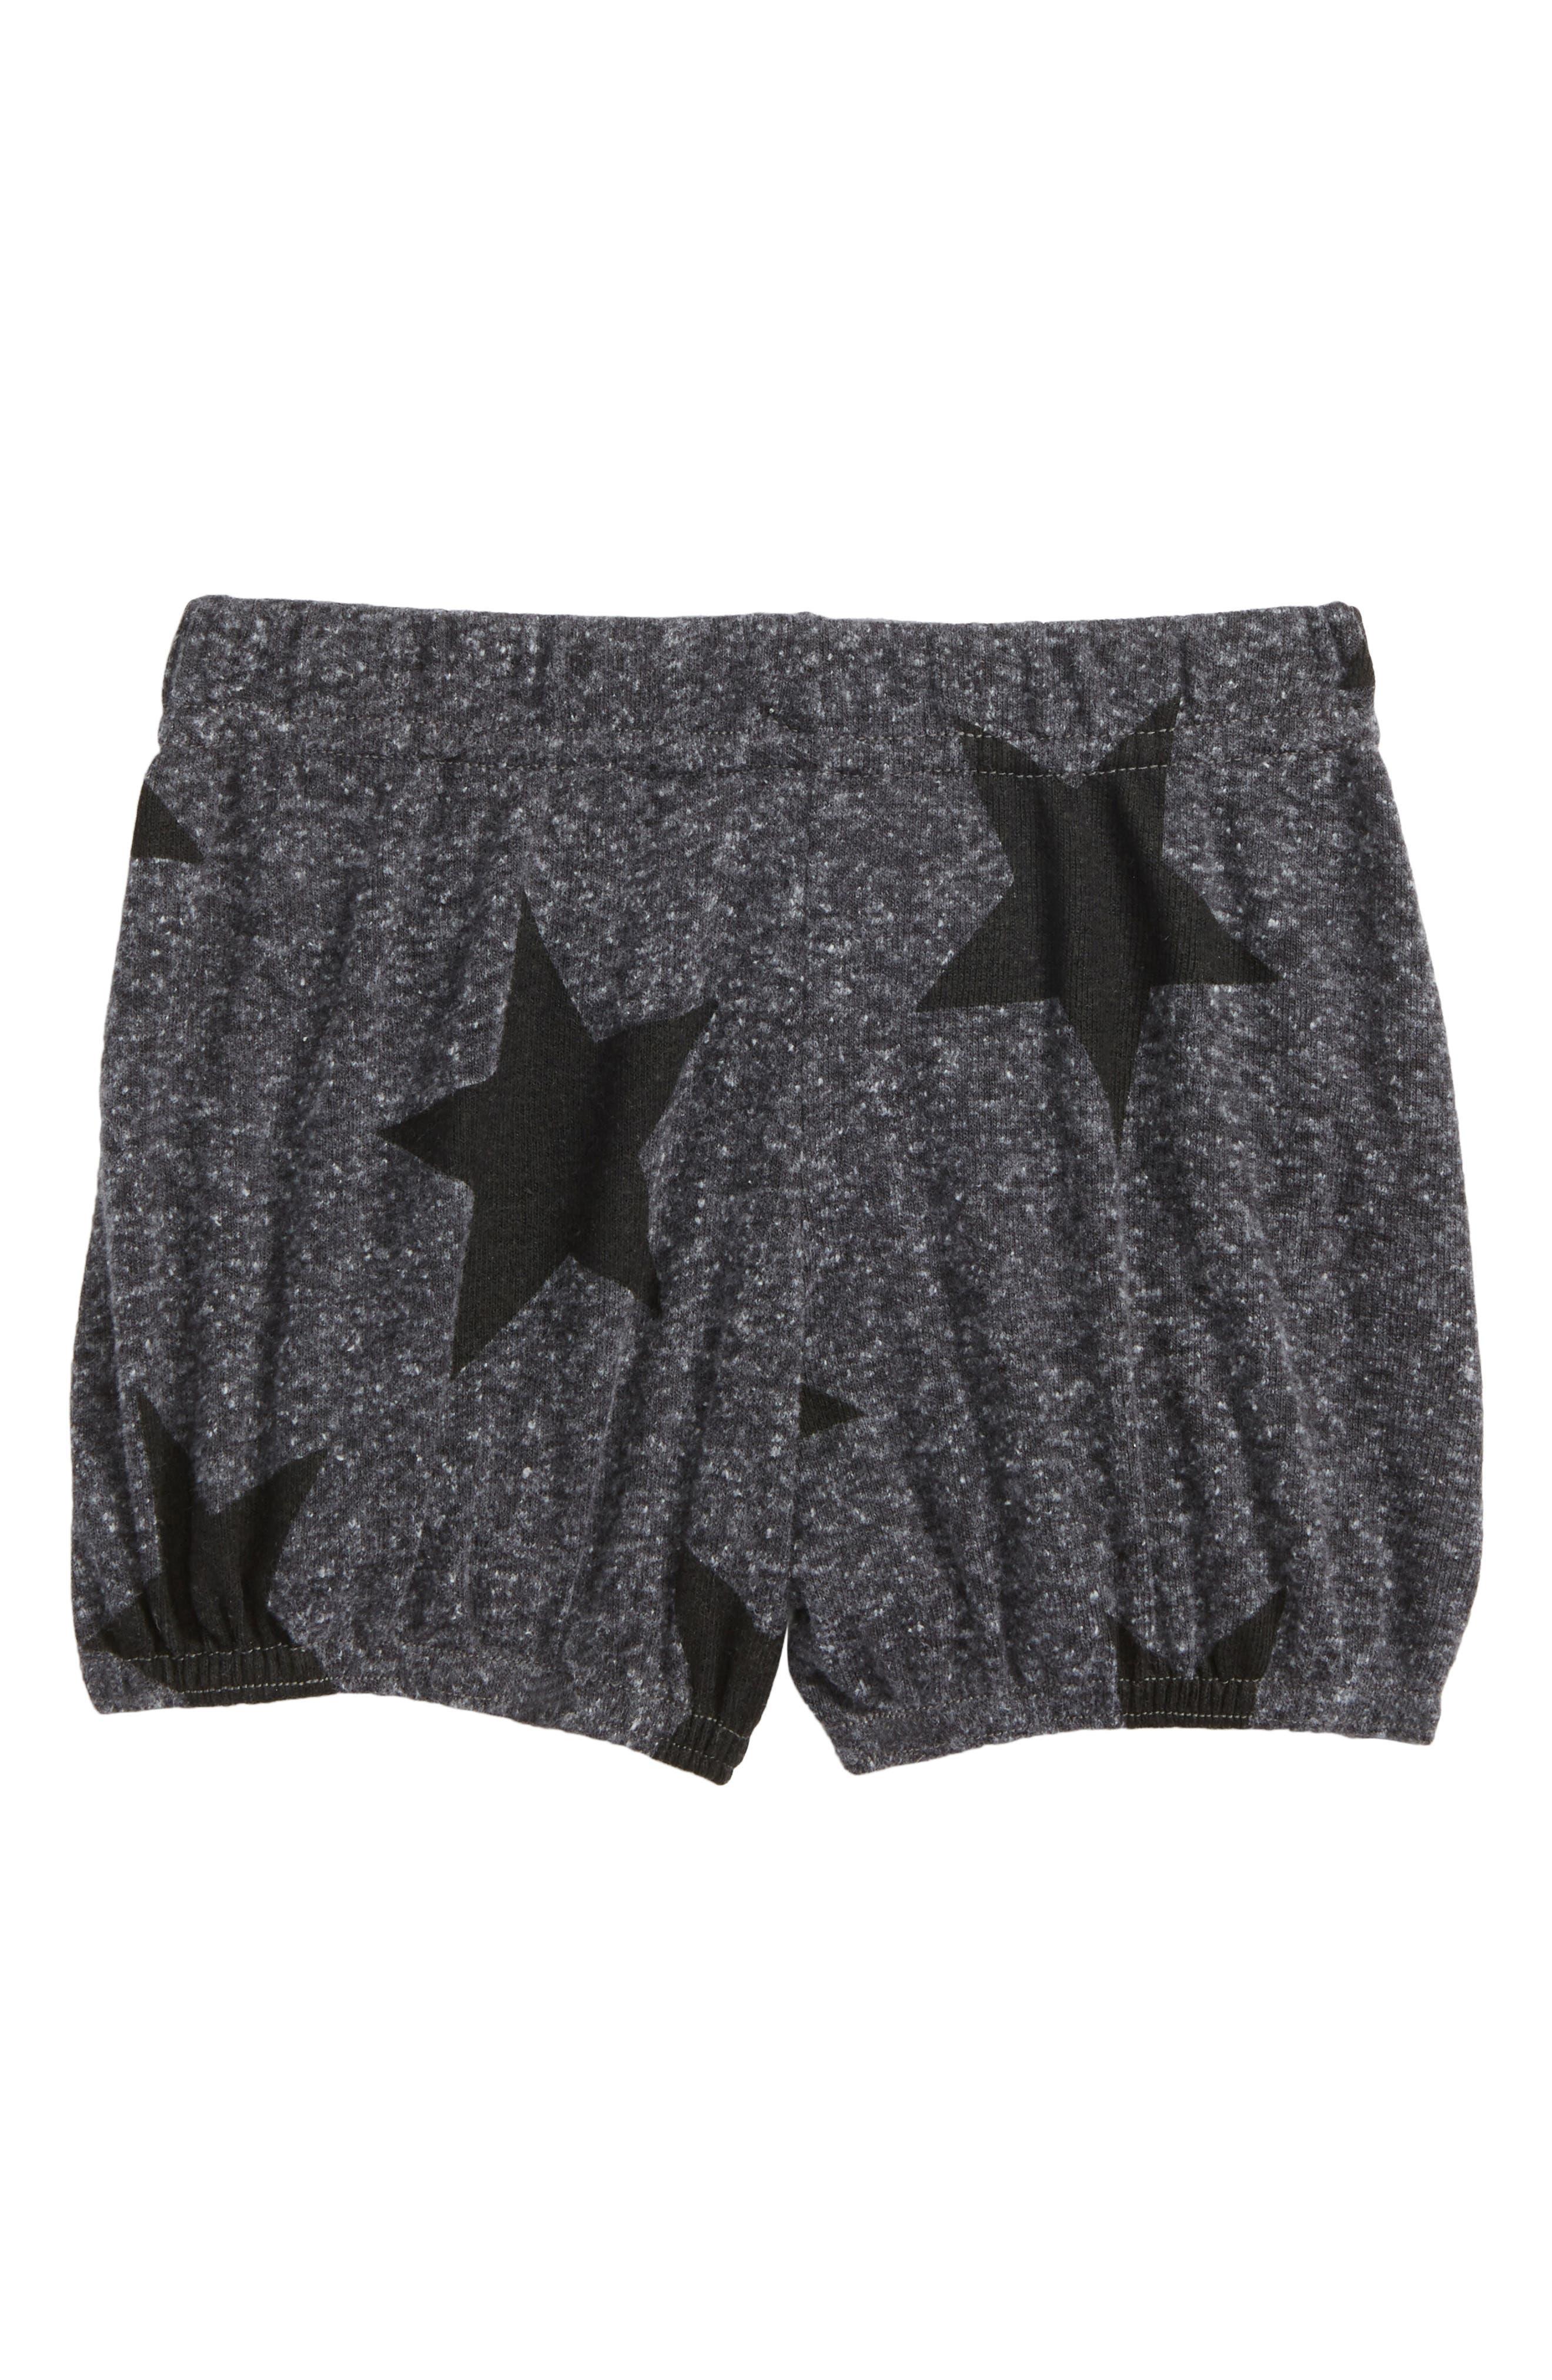 Star Print Yoga Shorts,                         Main,                         color, Charcoal